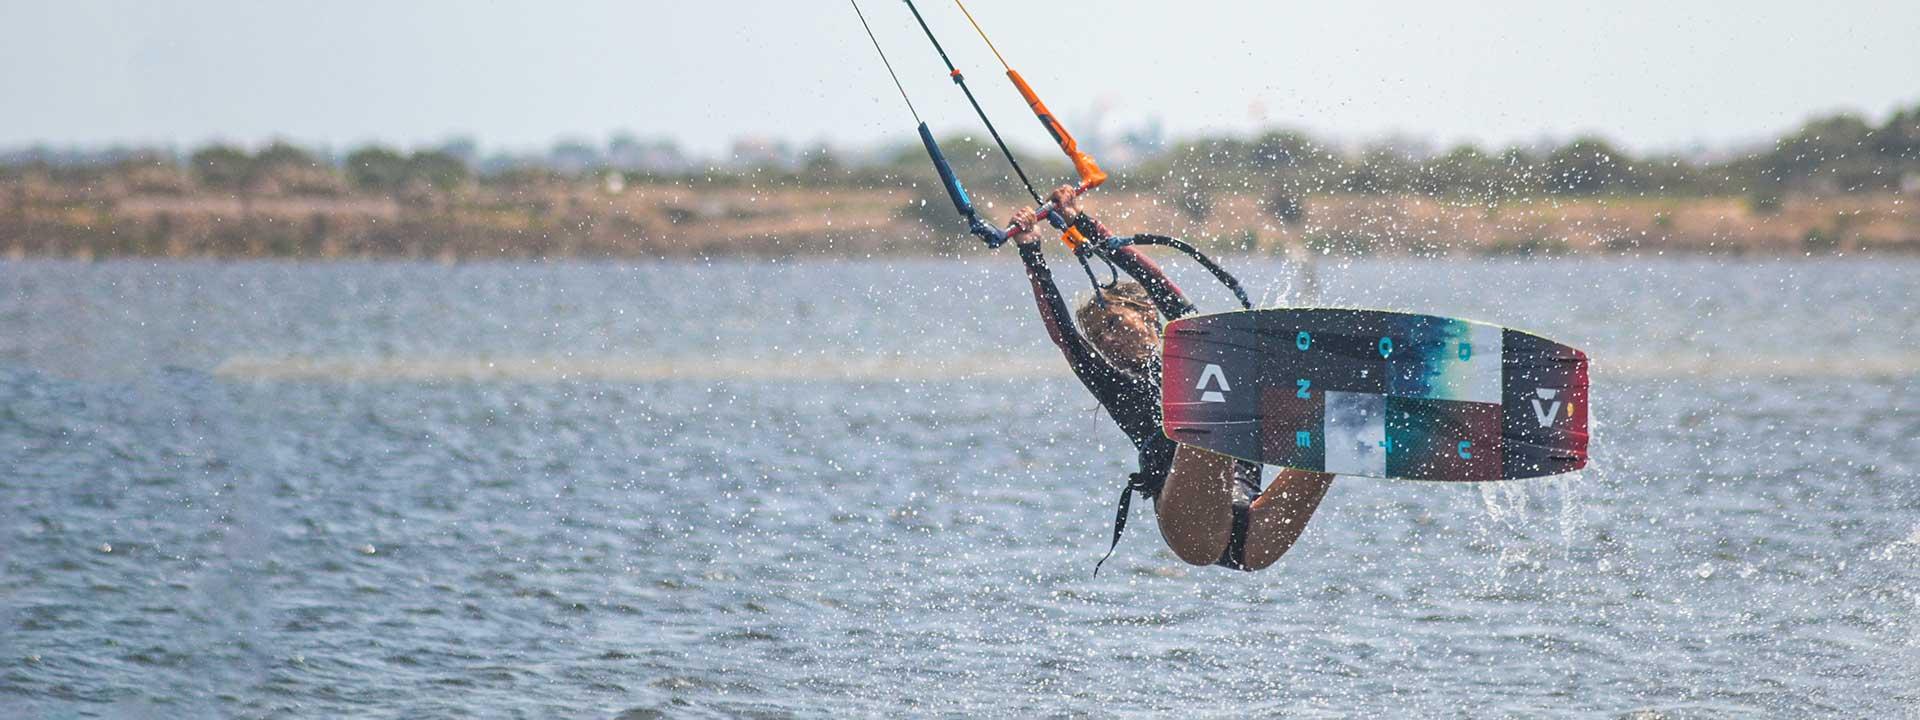 Stagnone kite Corner contatti